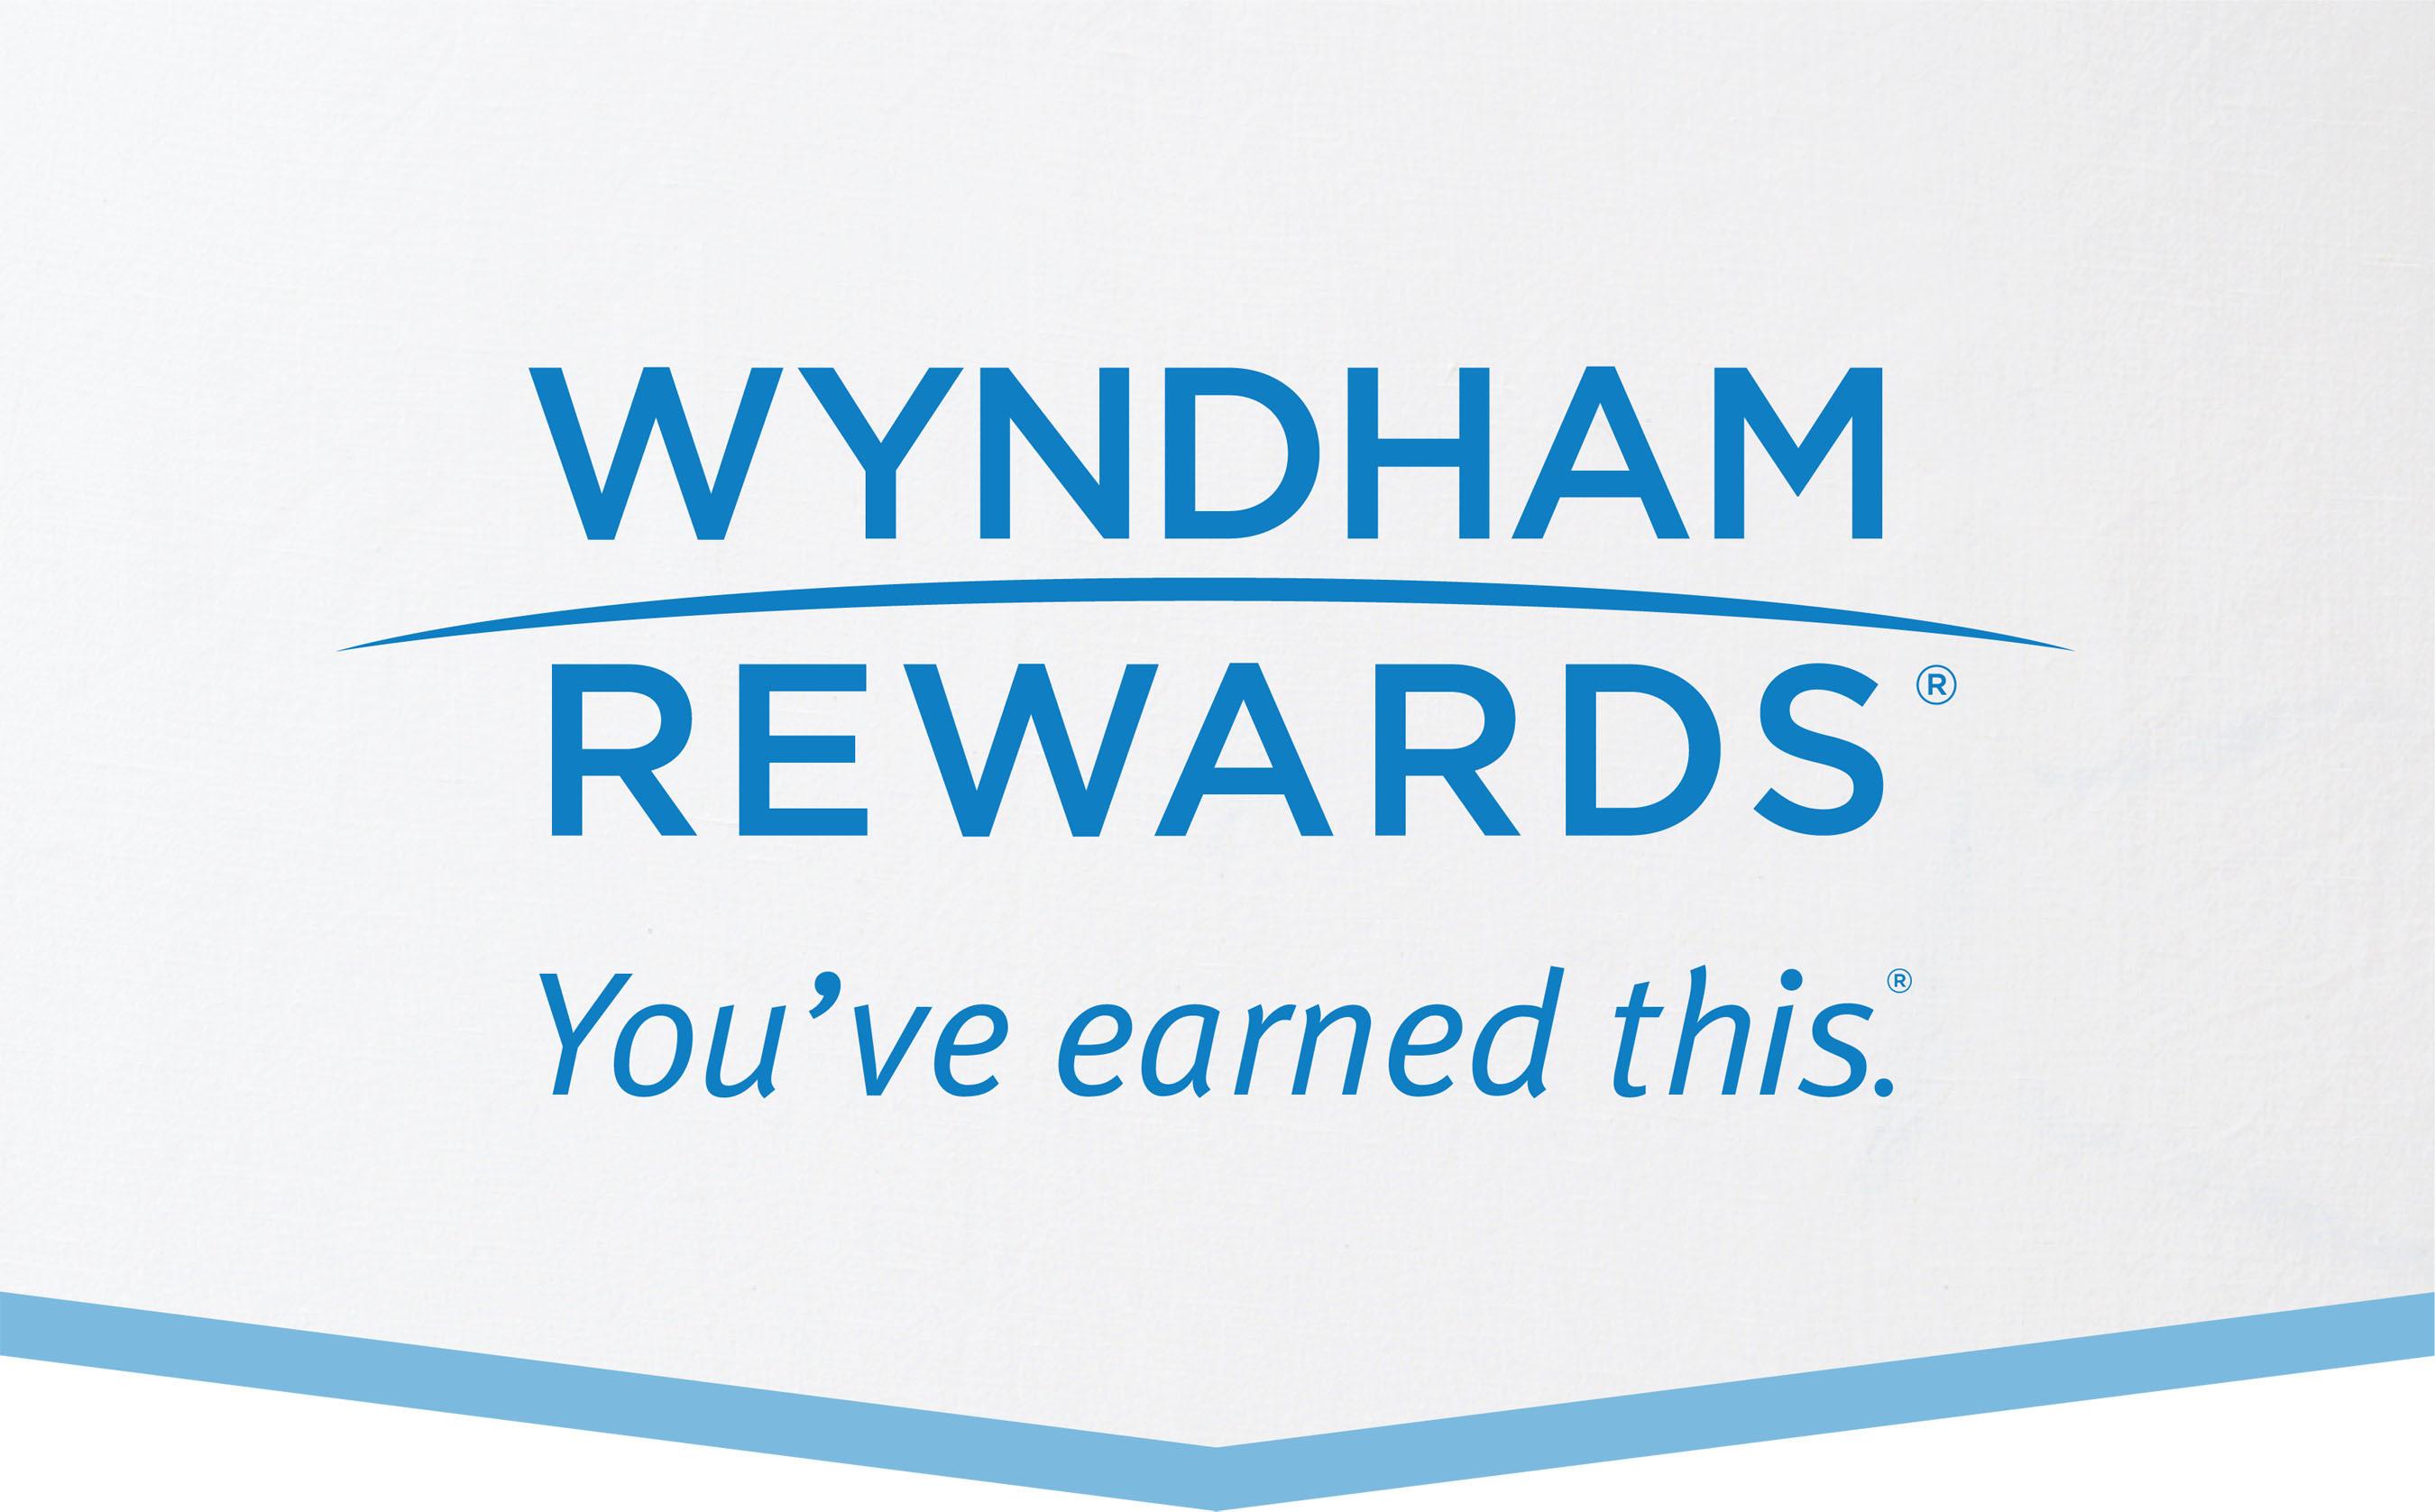 Wyndham Rewards logo